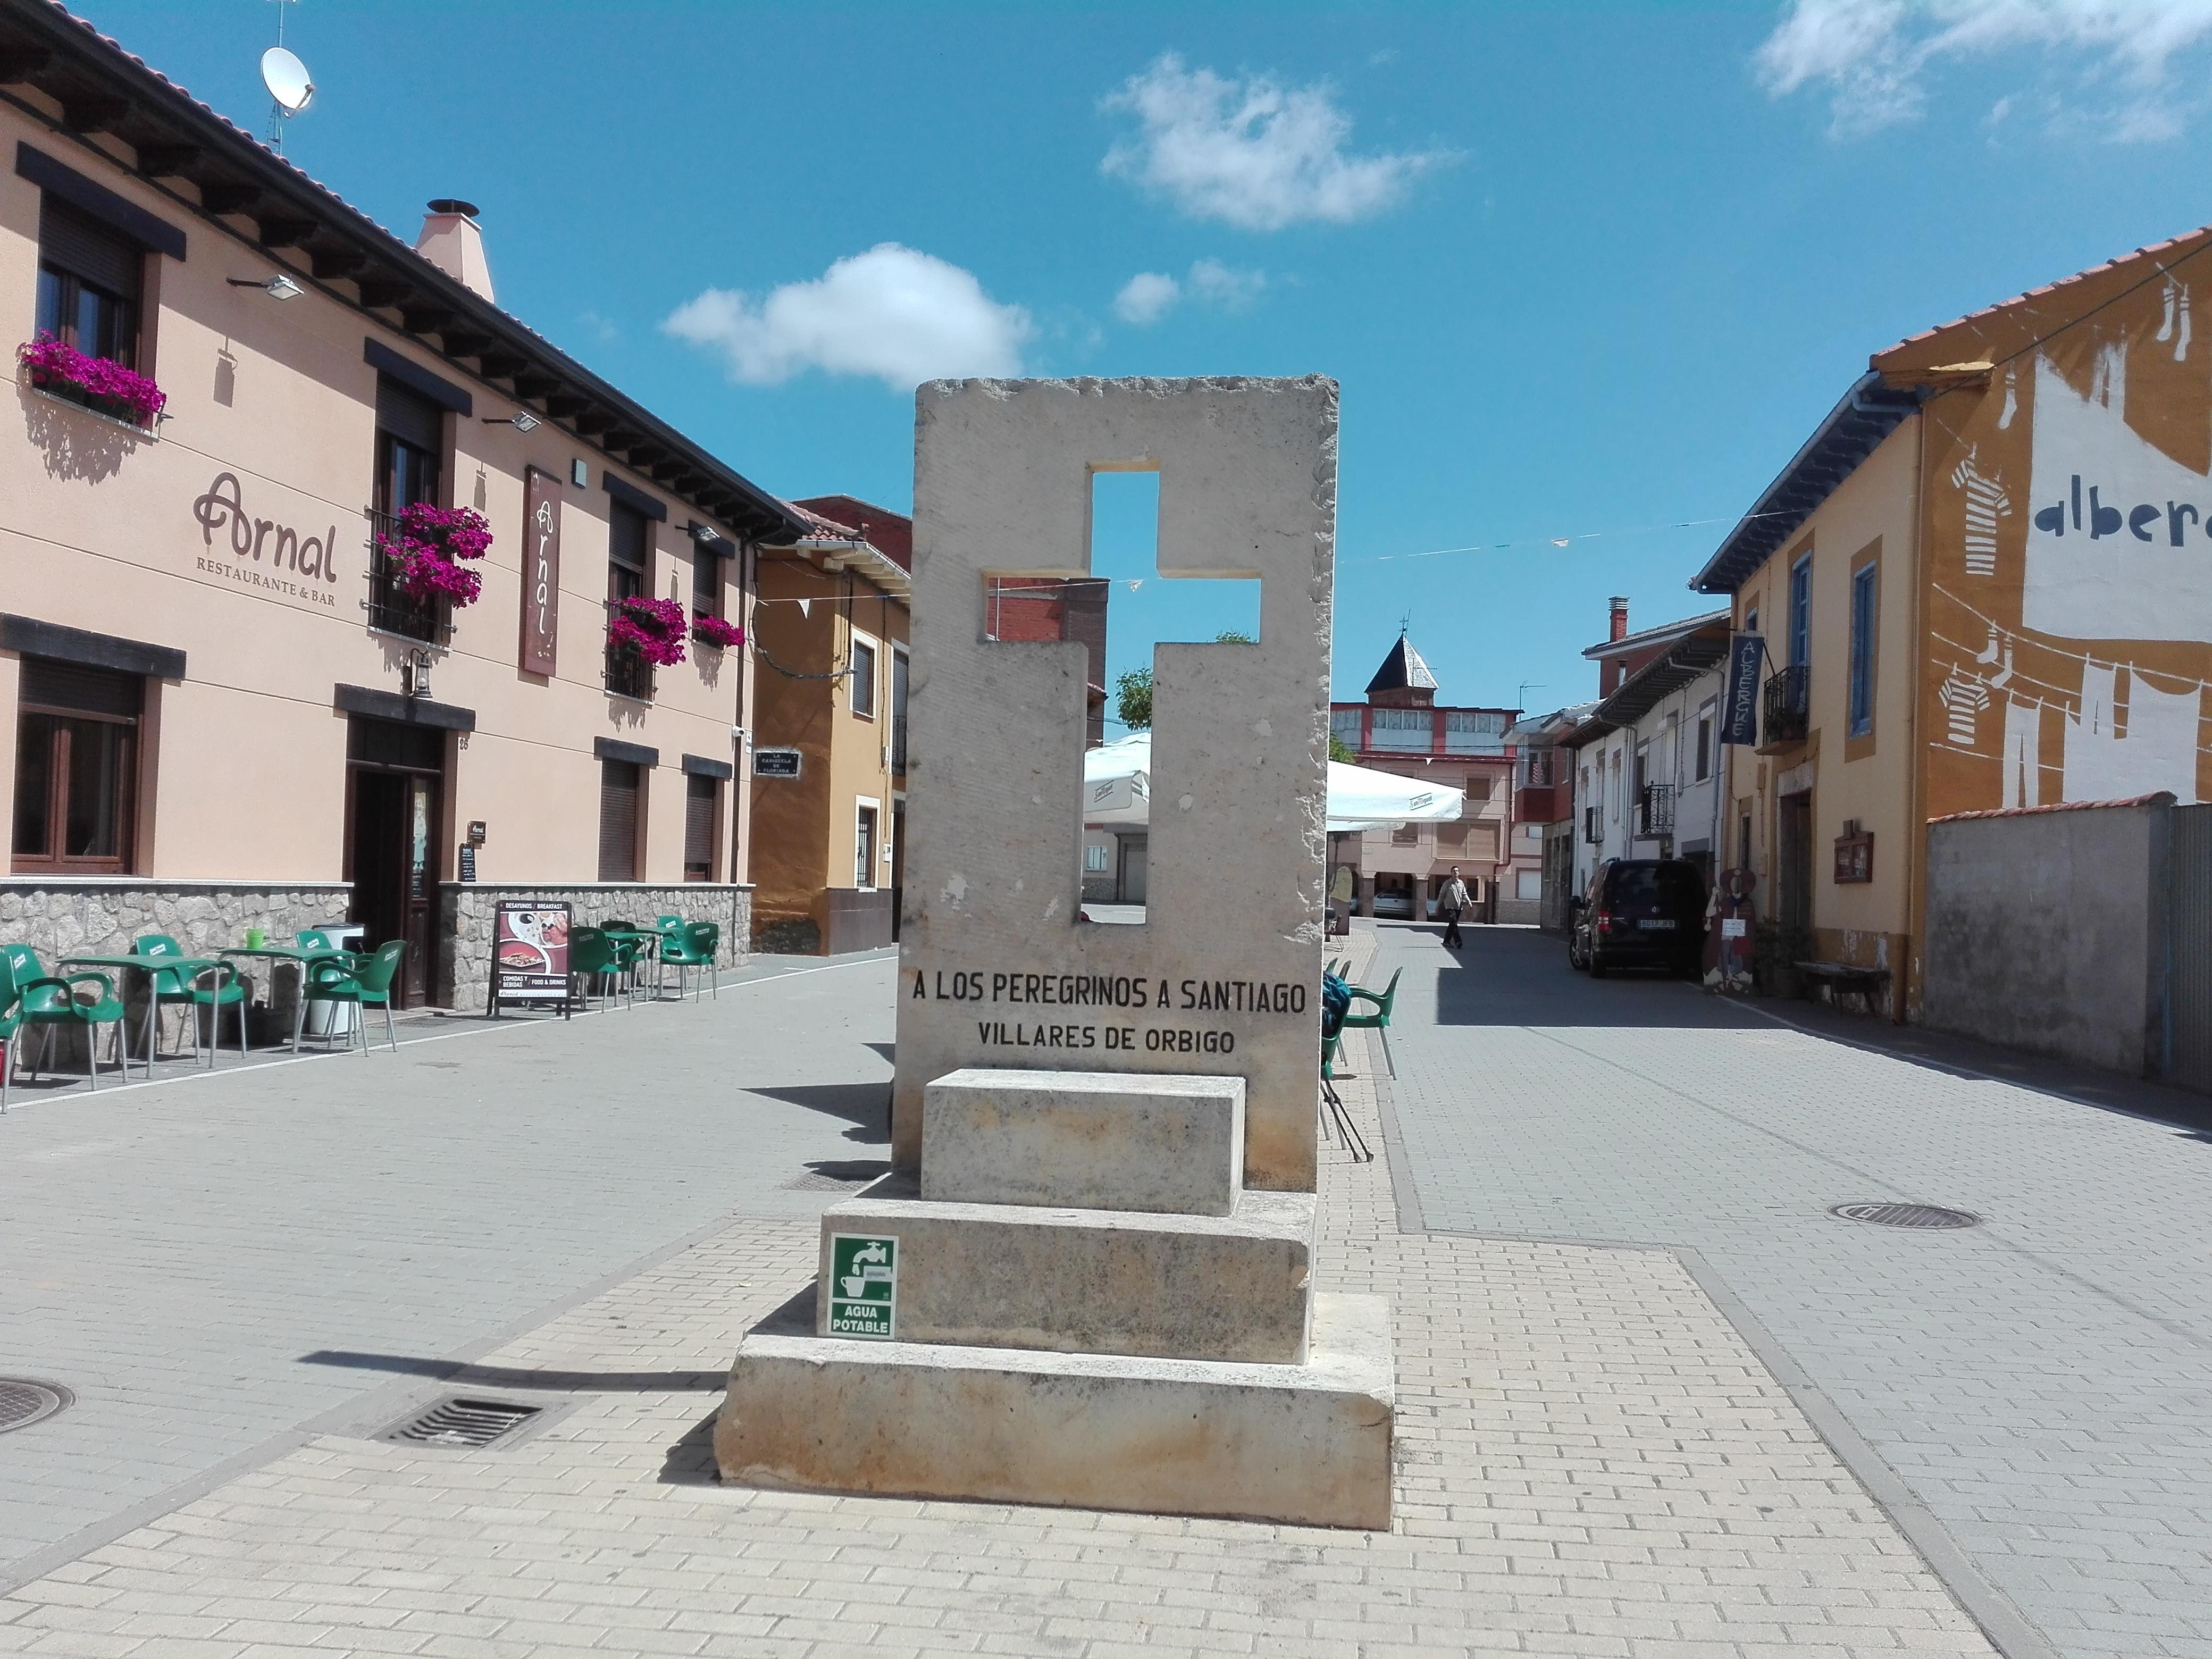 De León a Astorga #CaminodeSantiago